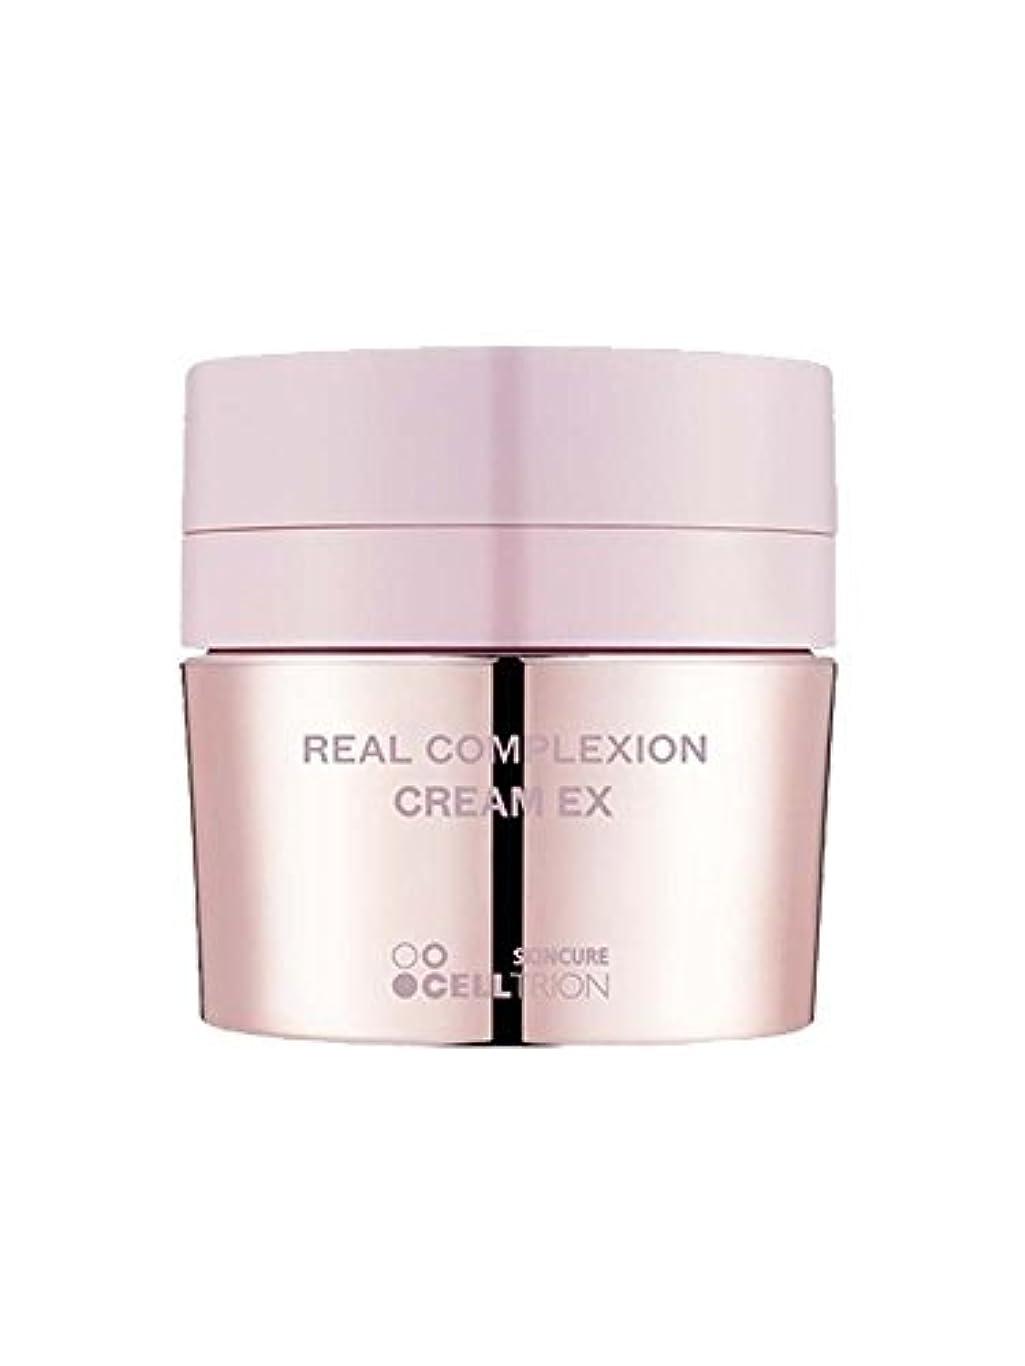 リングどうやってホステルHANSKIN Real Complexion cream EX 50ml/ハンスキン リアル コンプレクション クリーム EX 50ml [並行輸入品]